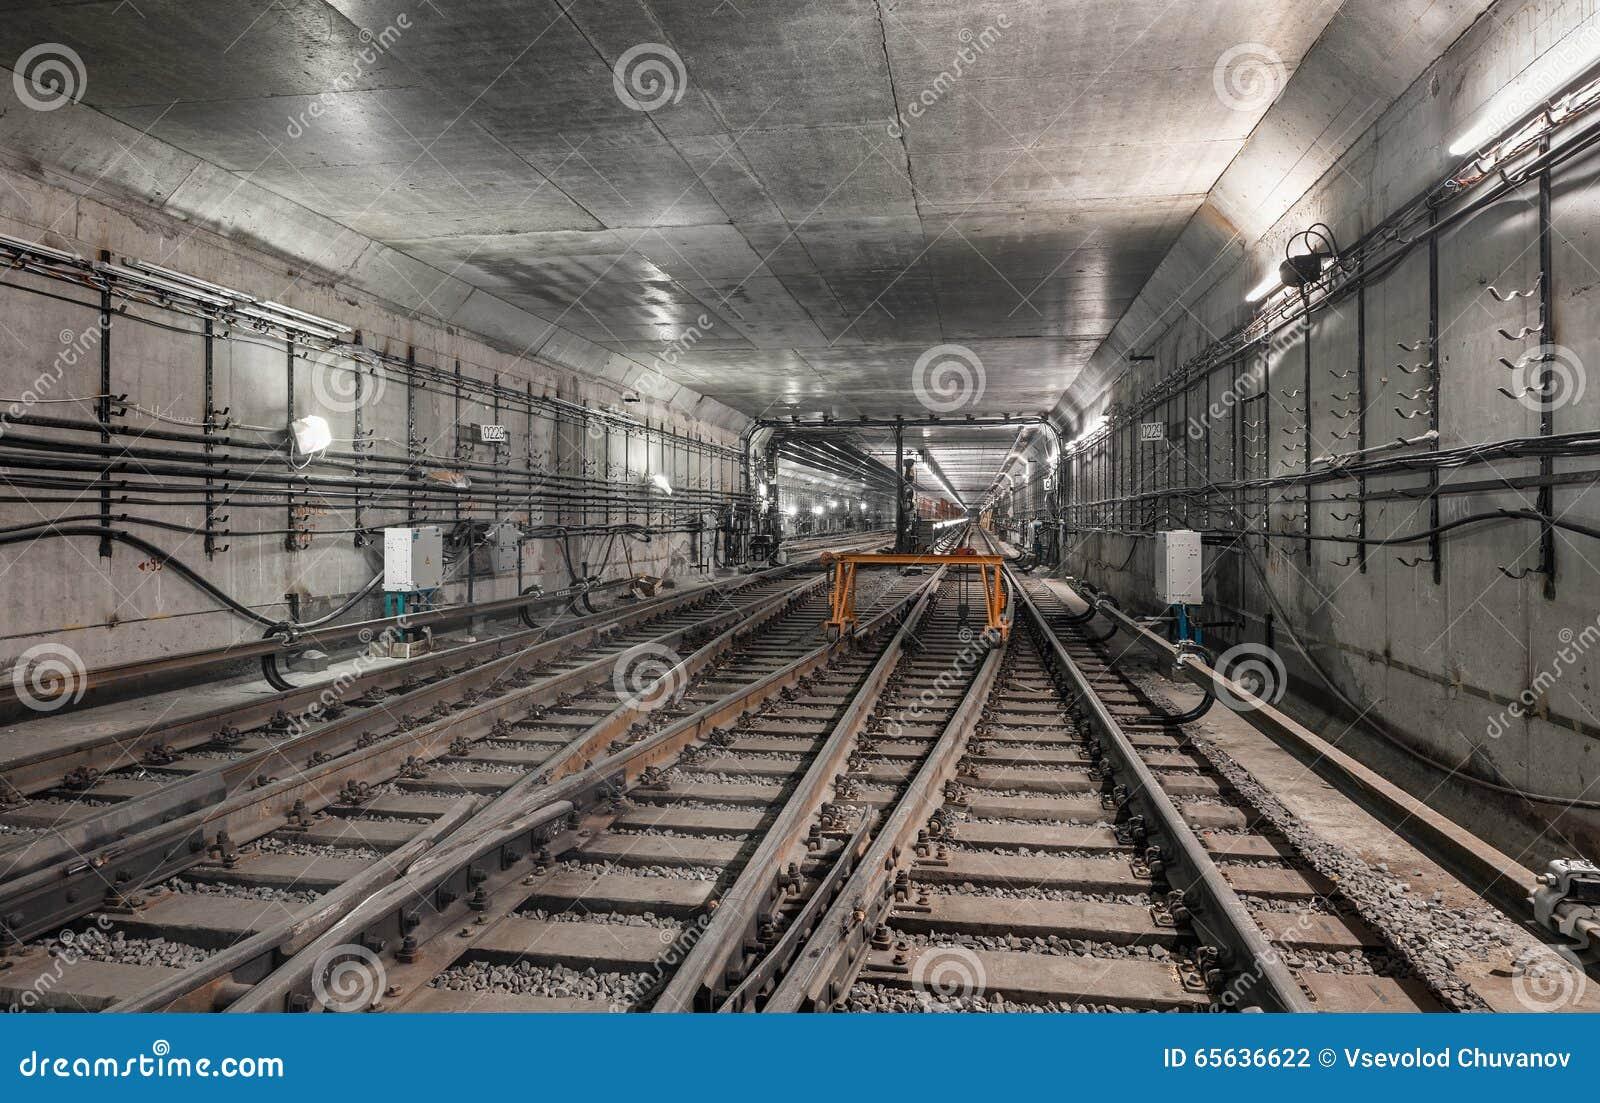 Le système bifurque des voies de chemin de fer dans le tunnel moderne de souterrain